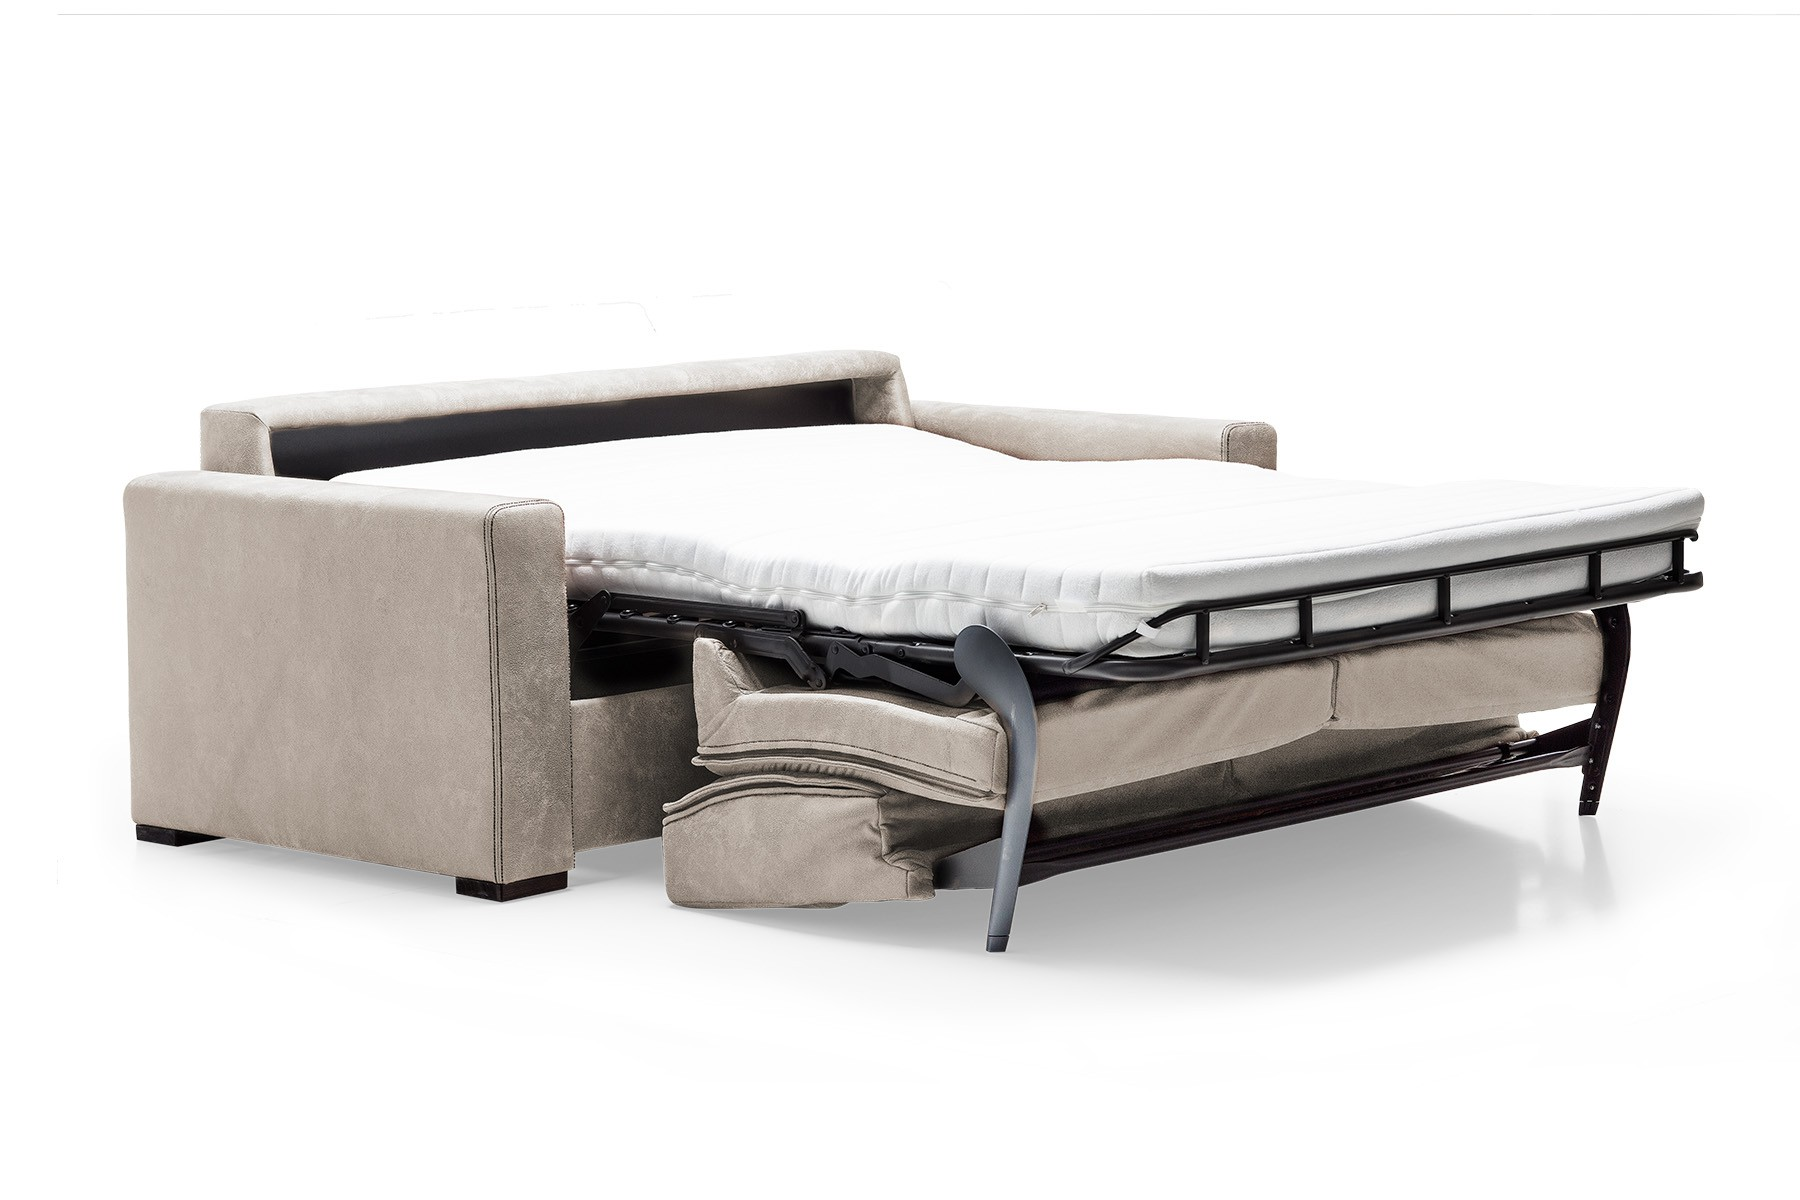 Full Size of Bett Ausklappbar Ikea Ausklappbares Sofa Schrank Klappbar 180x200 Zum Ausklappen Mit Stauraum Doppelbett Englisch Selber Bauen Reposa Bettsofa Und Bettcouch Bett Bett Ausklappbar